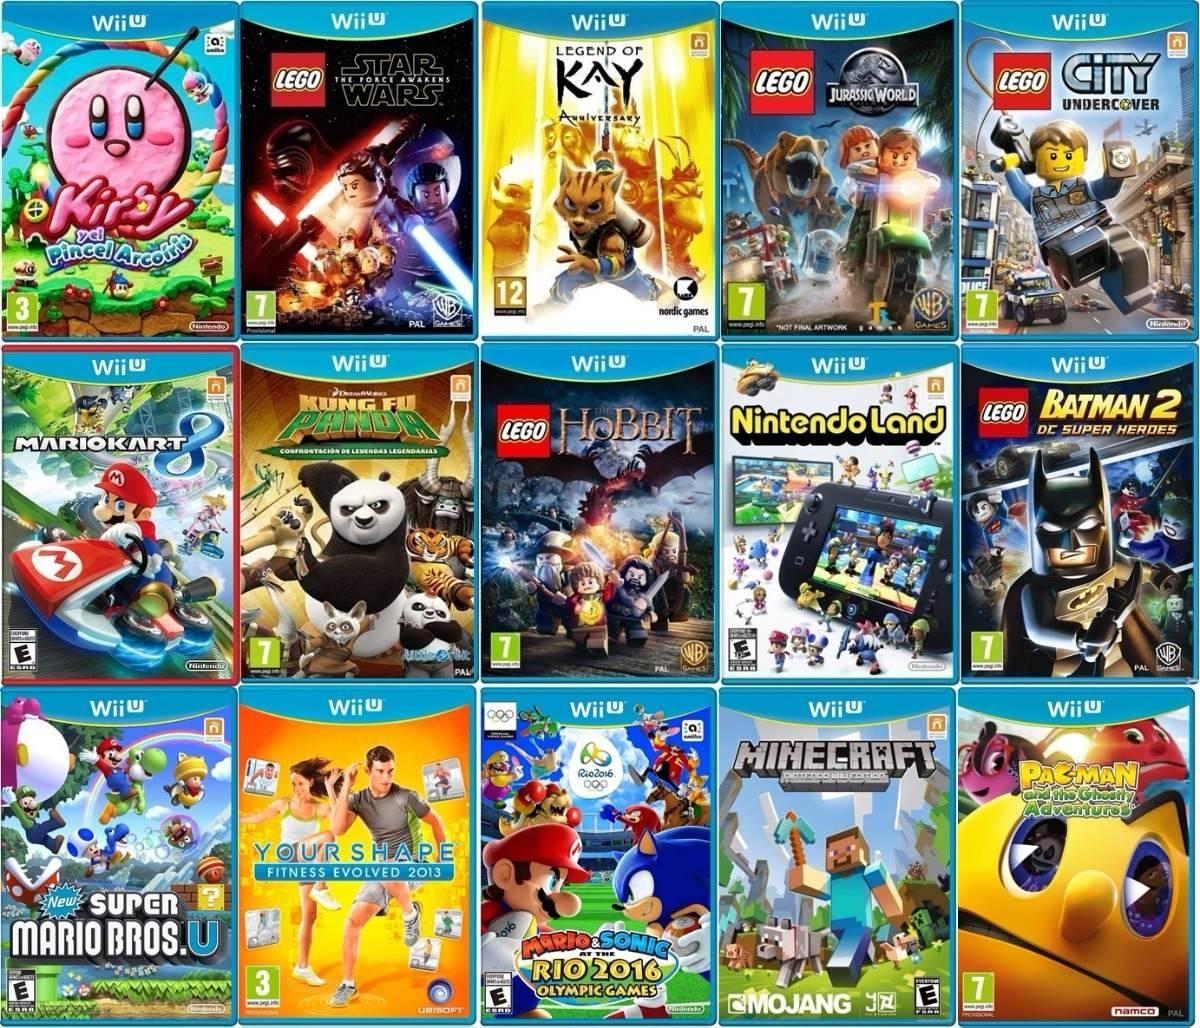 Juegos Nintendo Wii U 40 00 En Mercado Libre